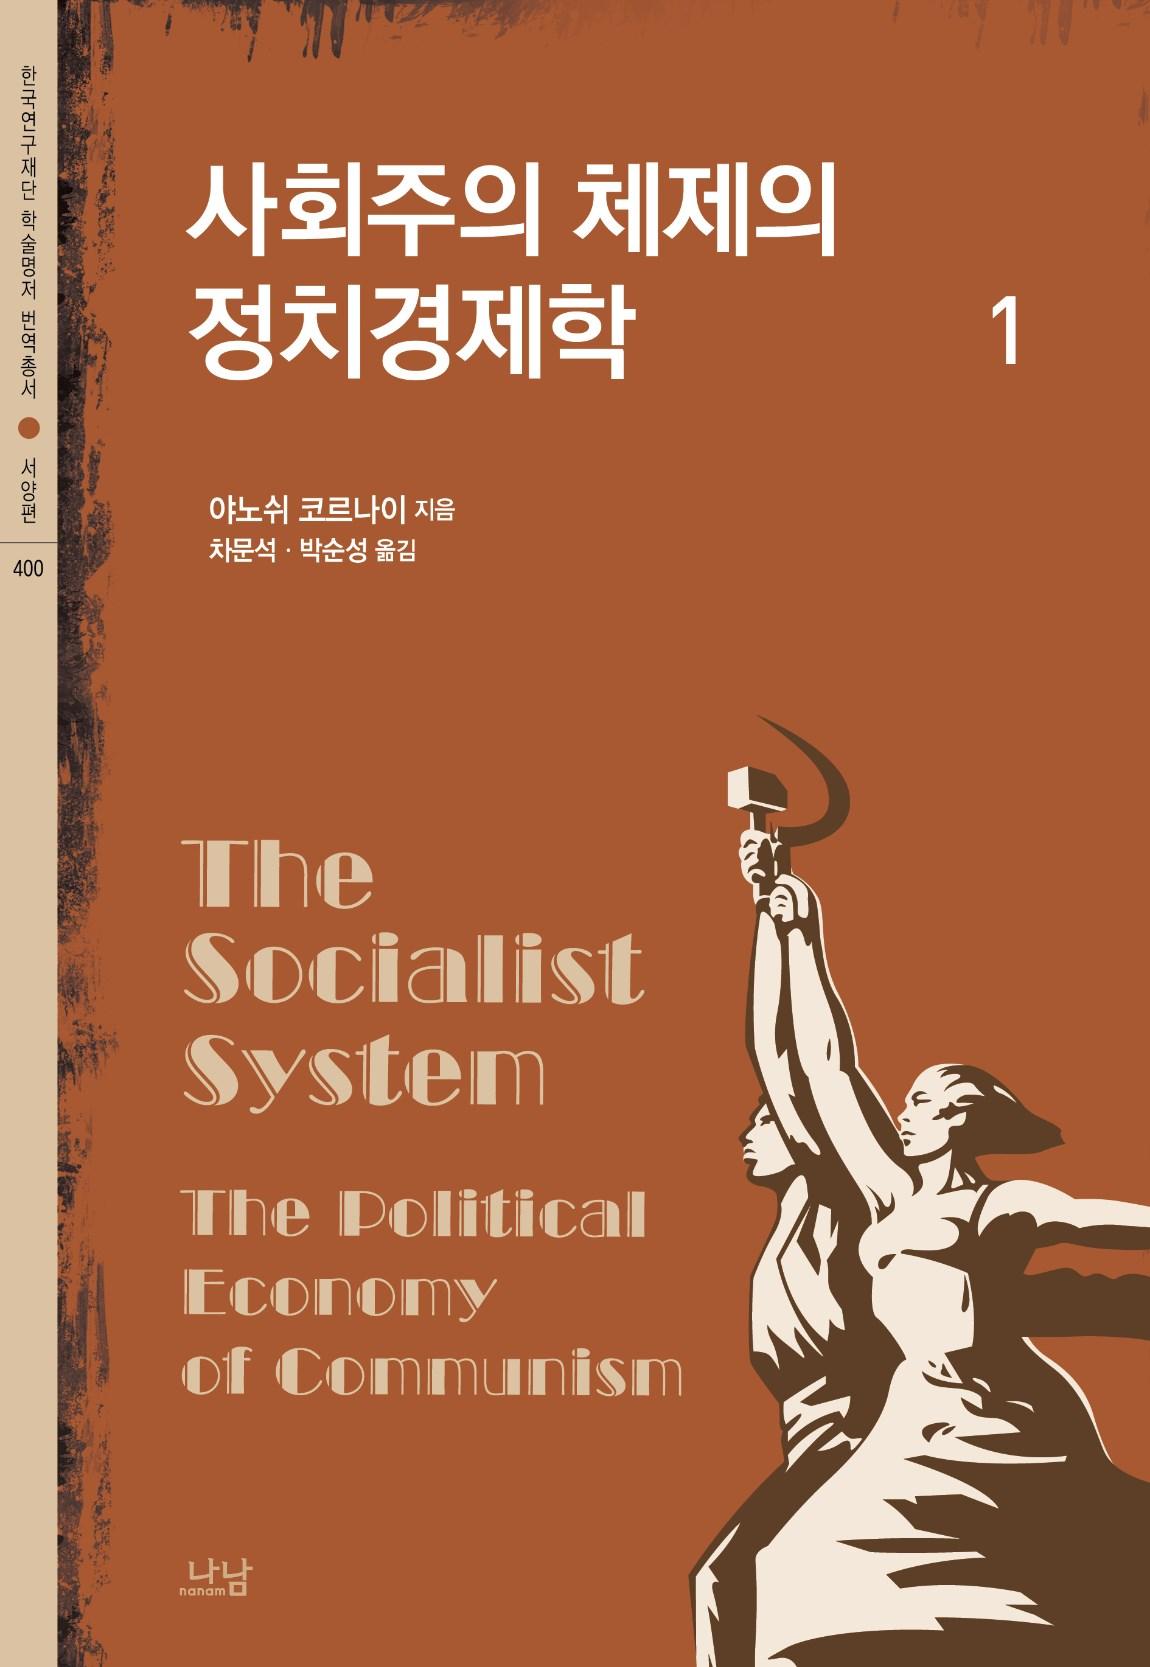 사회주의 체제의 정치경제학(1)_앞표지.jpg